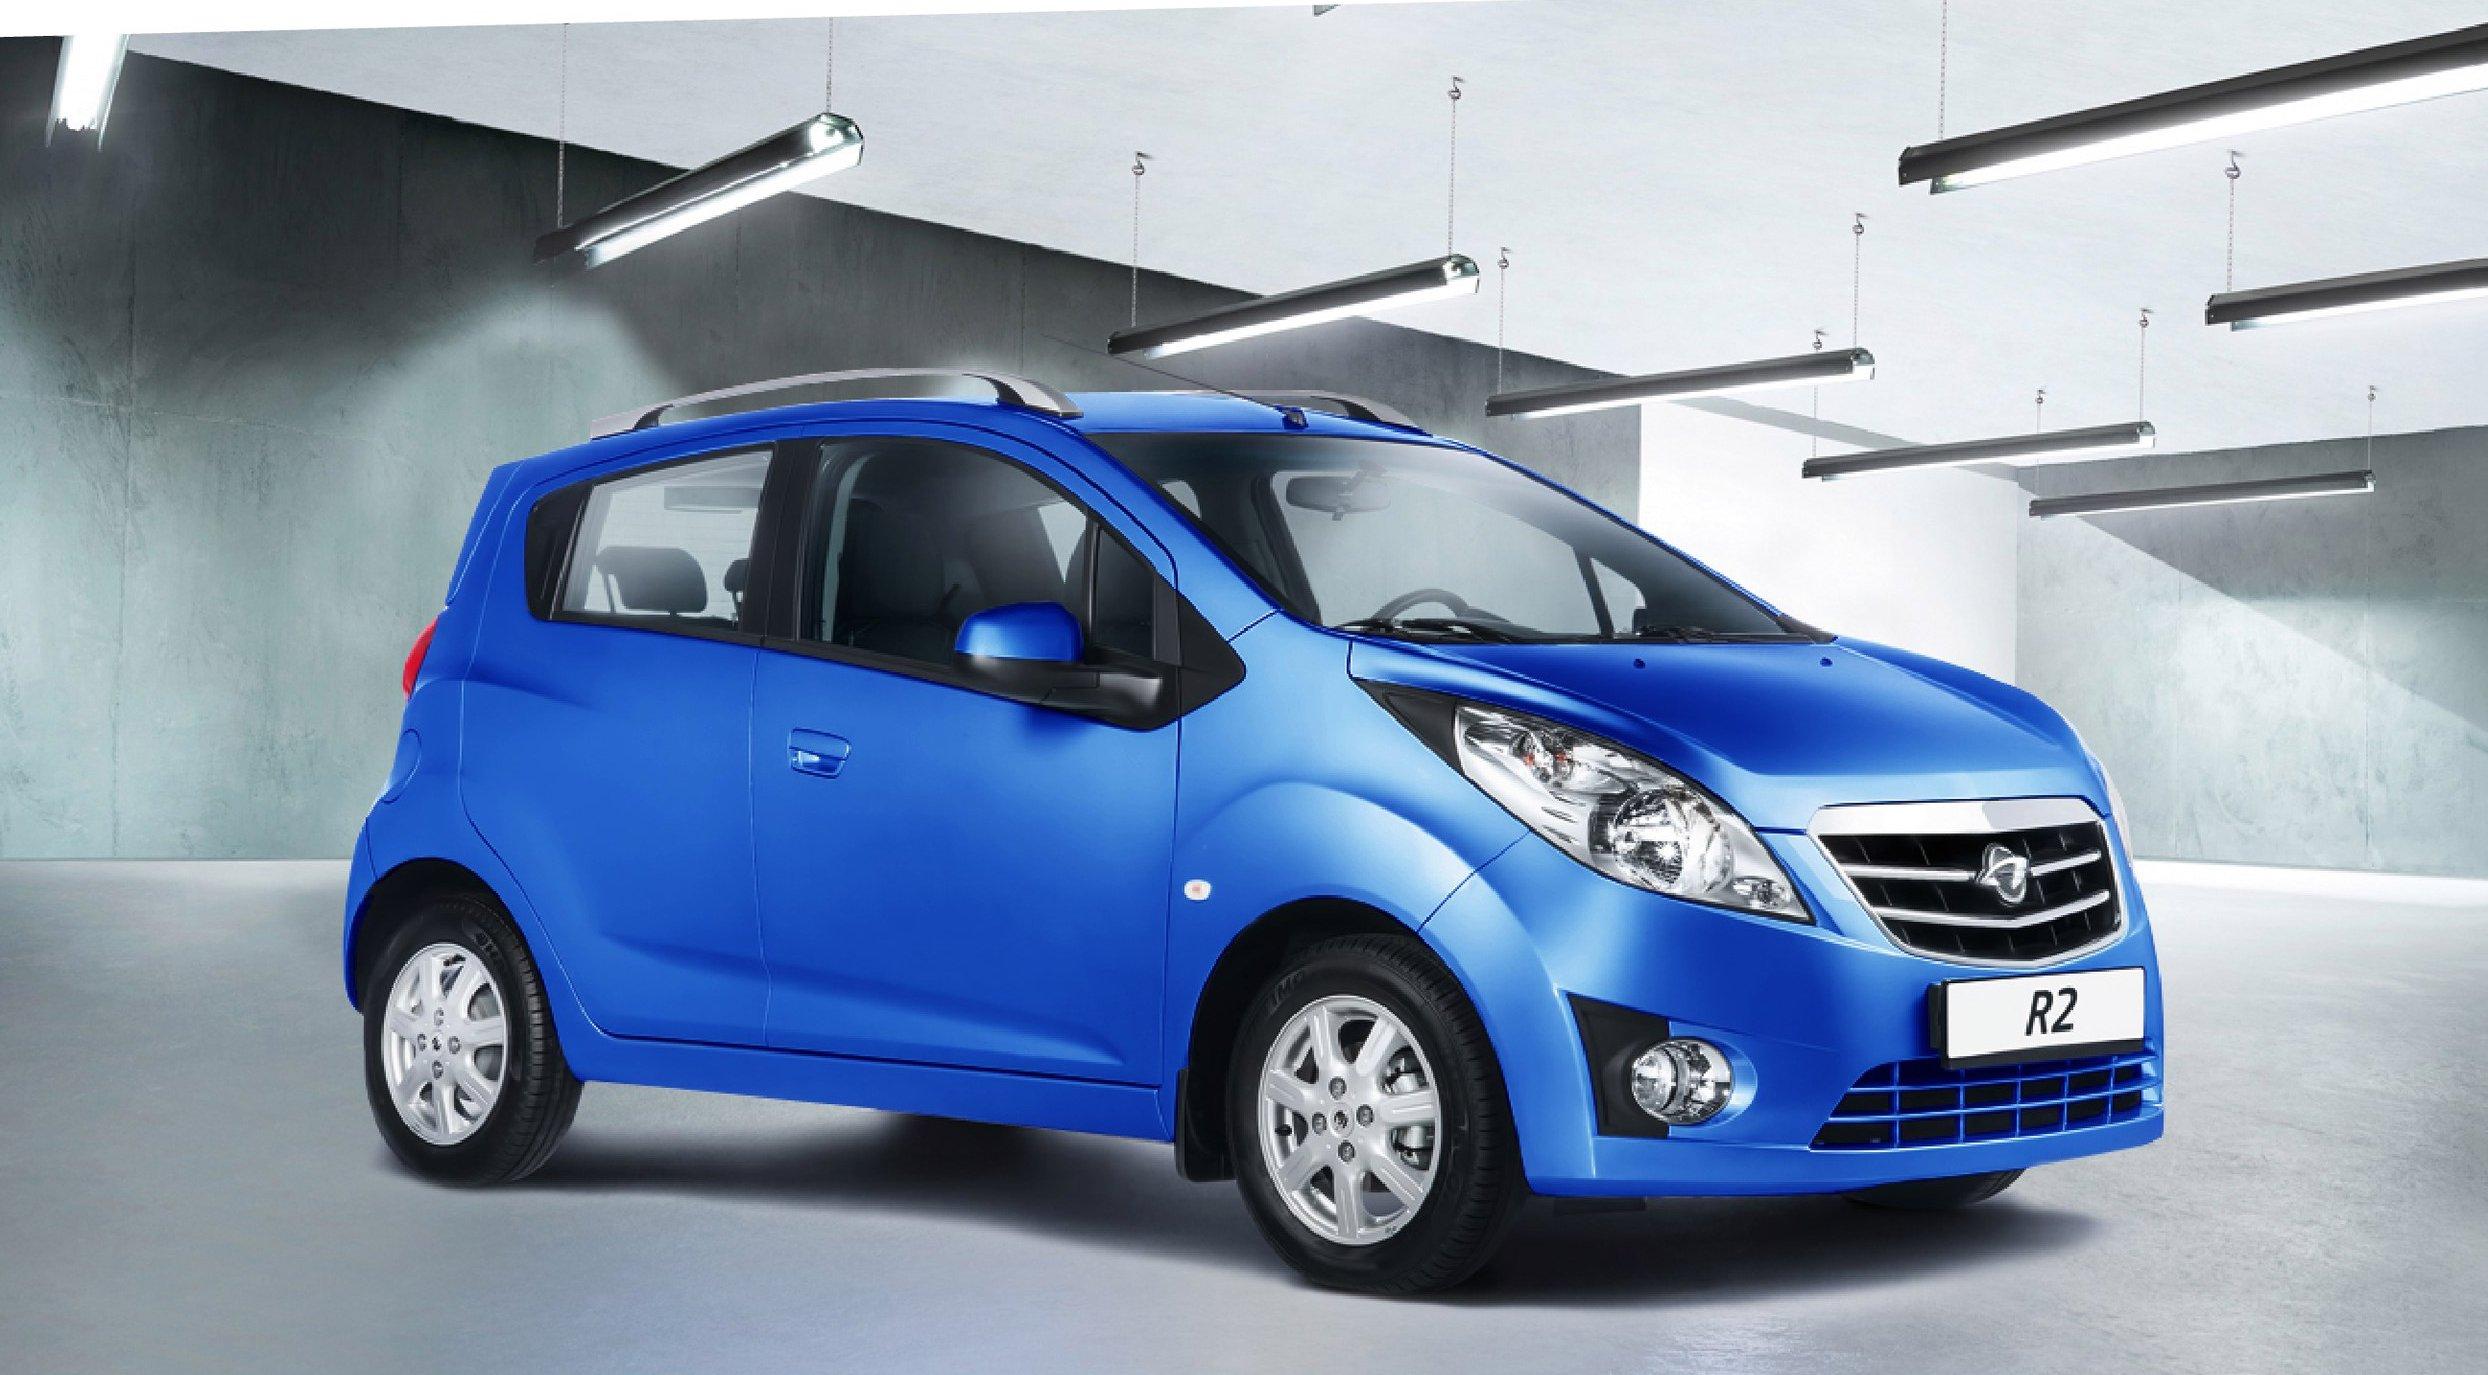 Ravon R2 стал наиболее популярным малолитражным авто в Российской Федерации